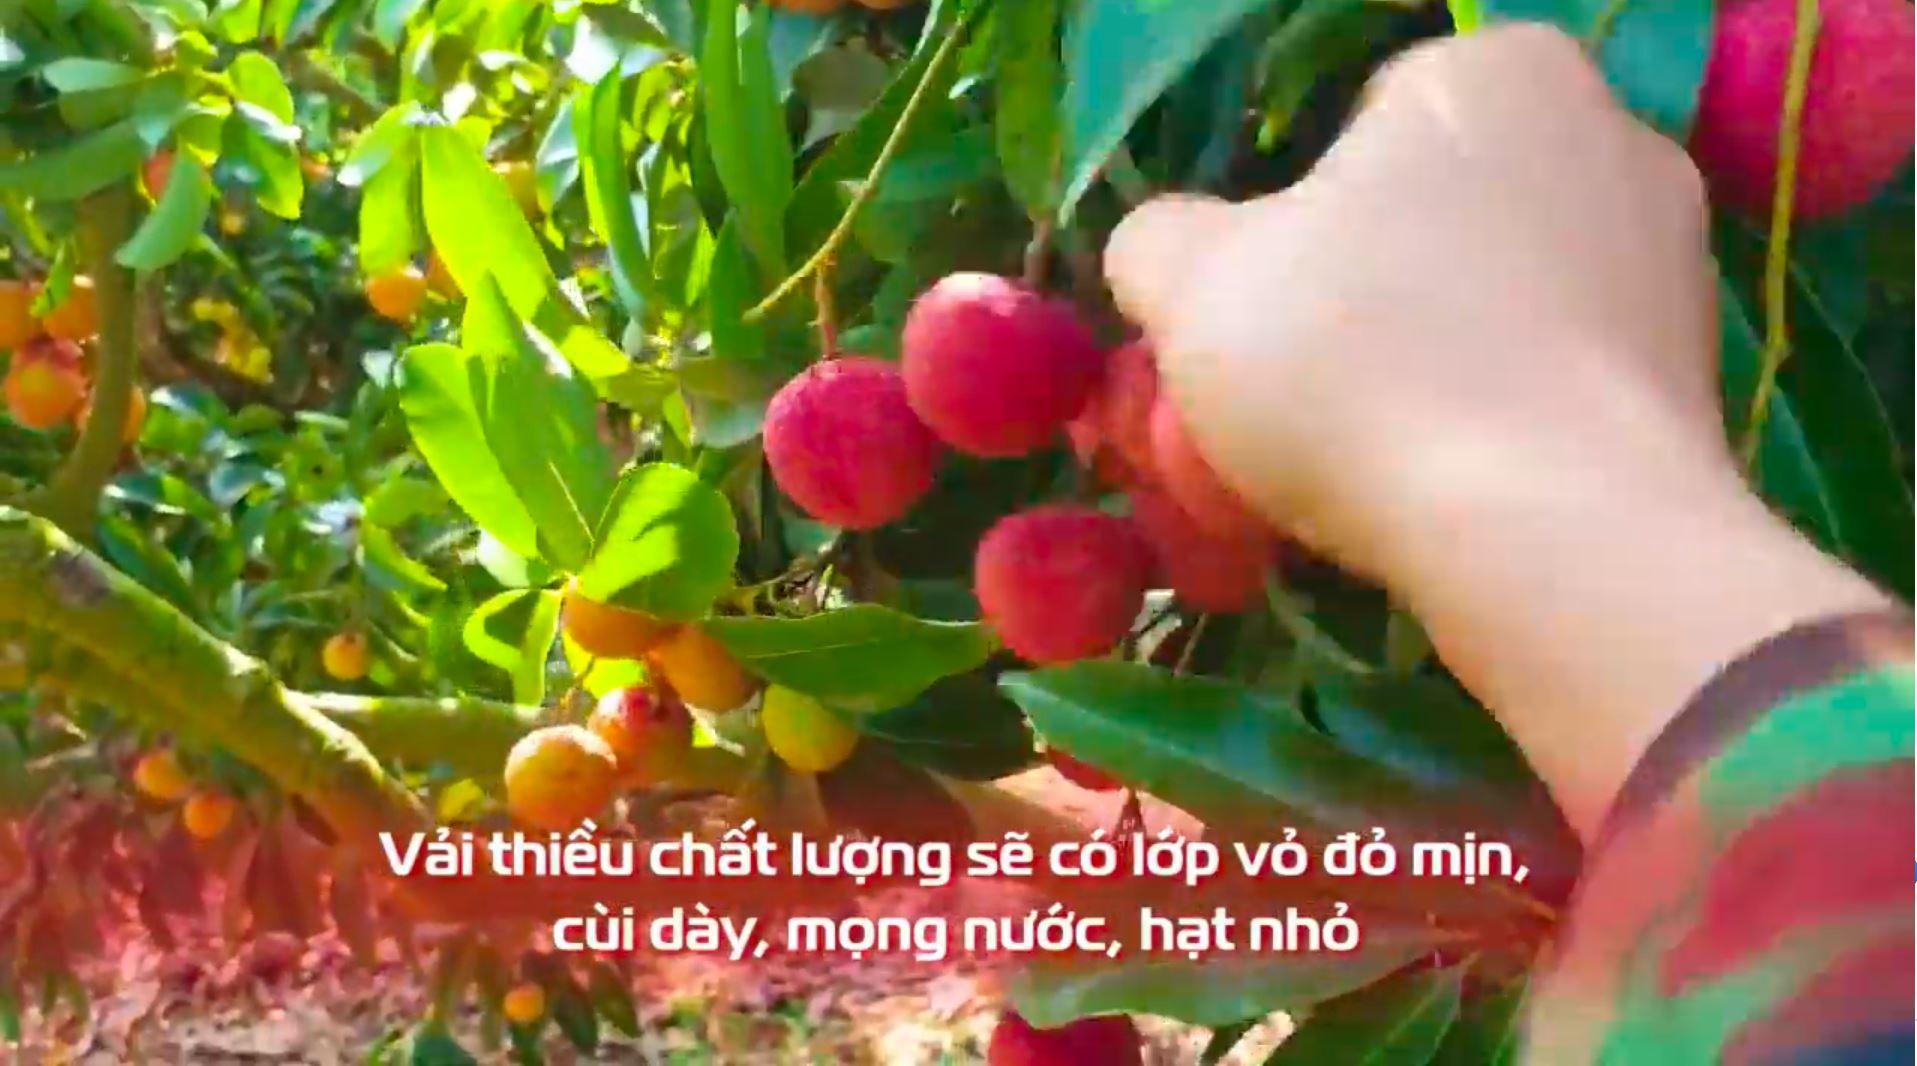 MC Quyền Linh livestream hỗ trợ bán vải thiều Bắc Giang, chốt mau lẹ 700kg 1